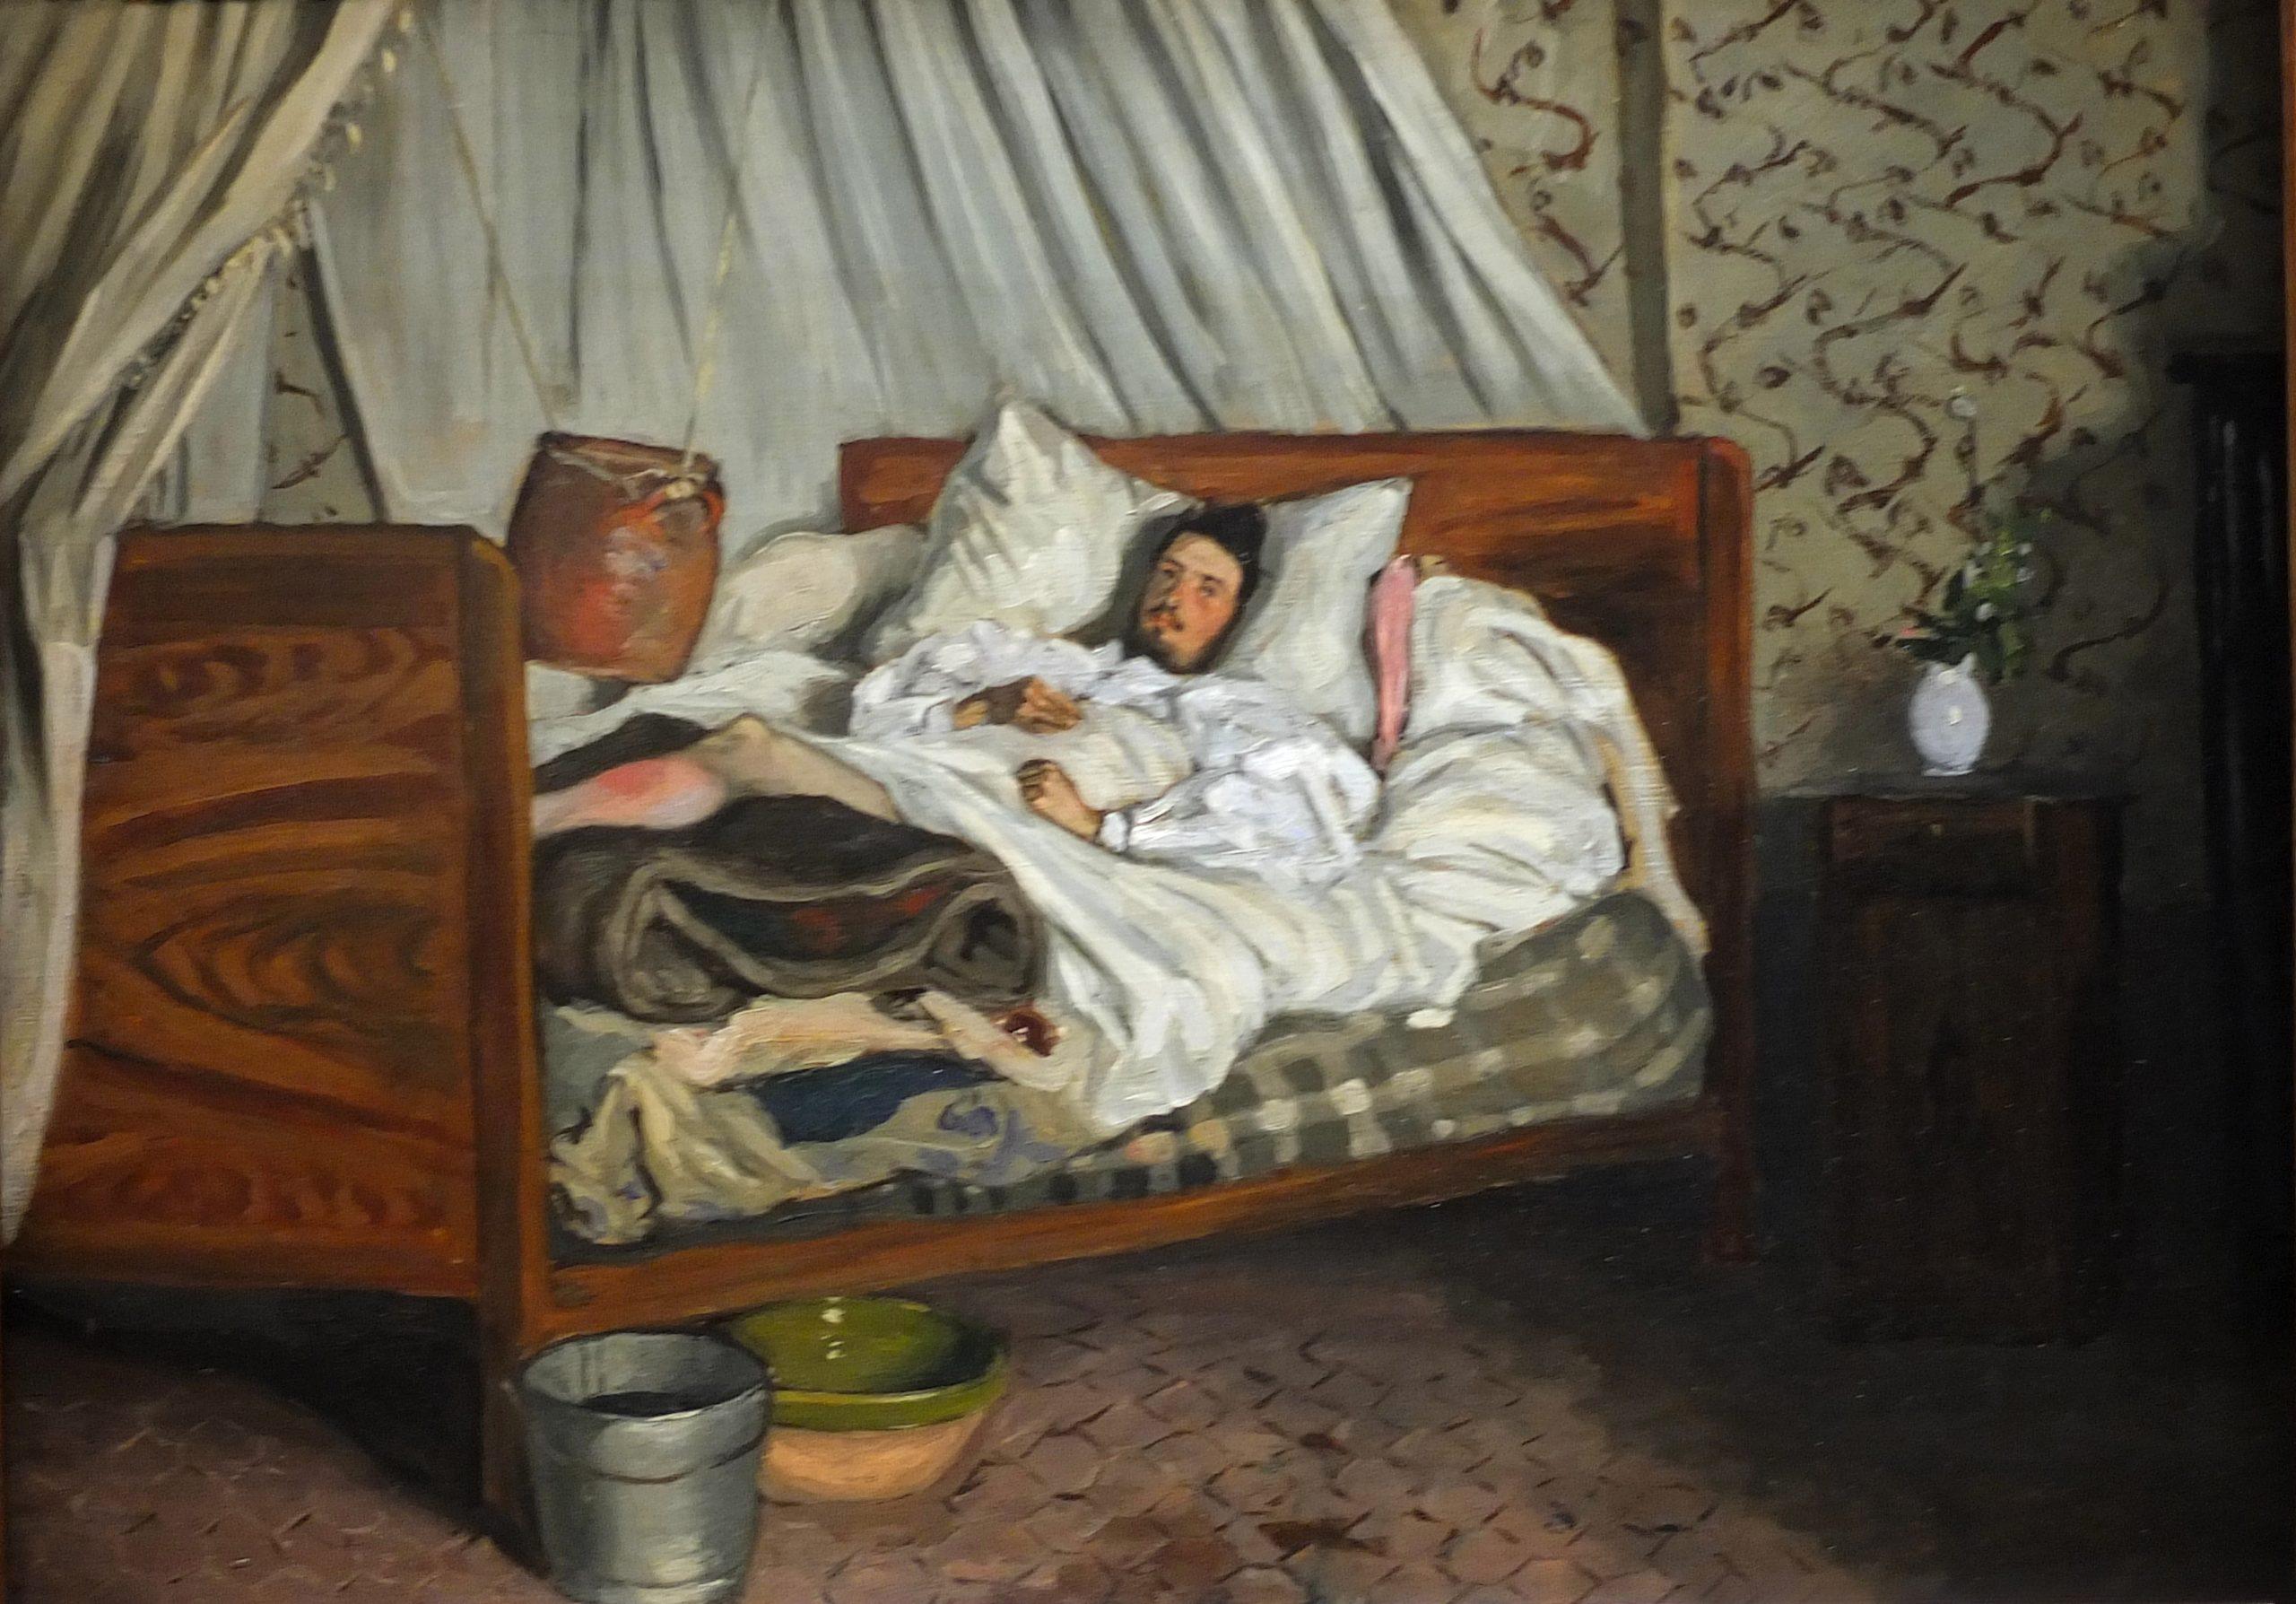 Peinture de Monet blessé à l'hôtel du Lion d'Or à Chailly-en-Bière en 1865.